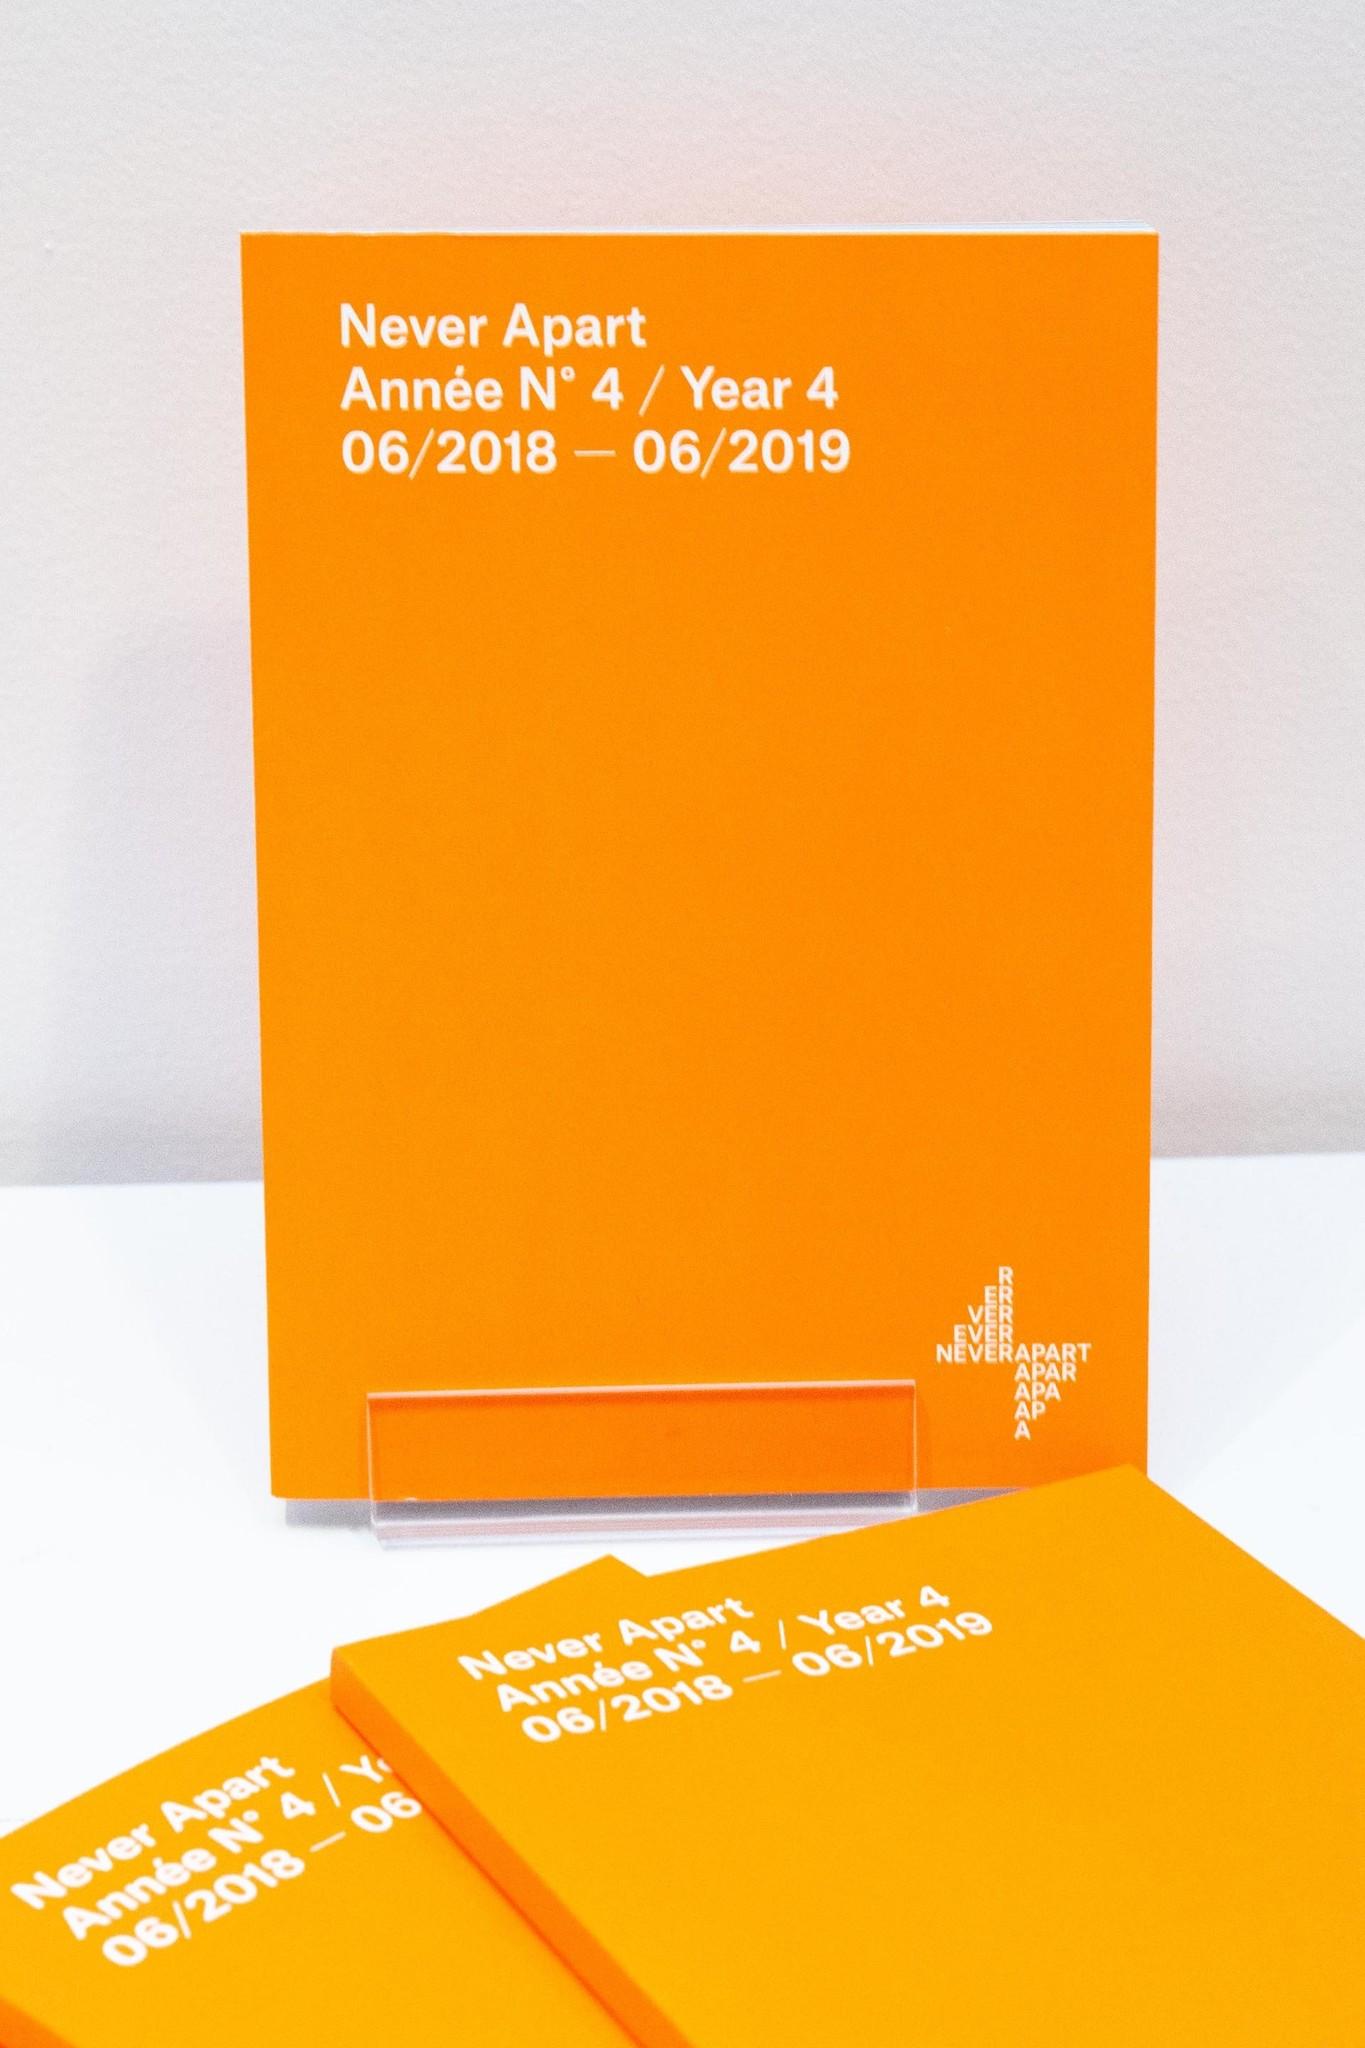 Catalogue Never Apart de l'année 4 (2019)